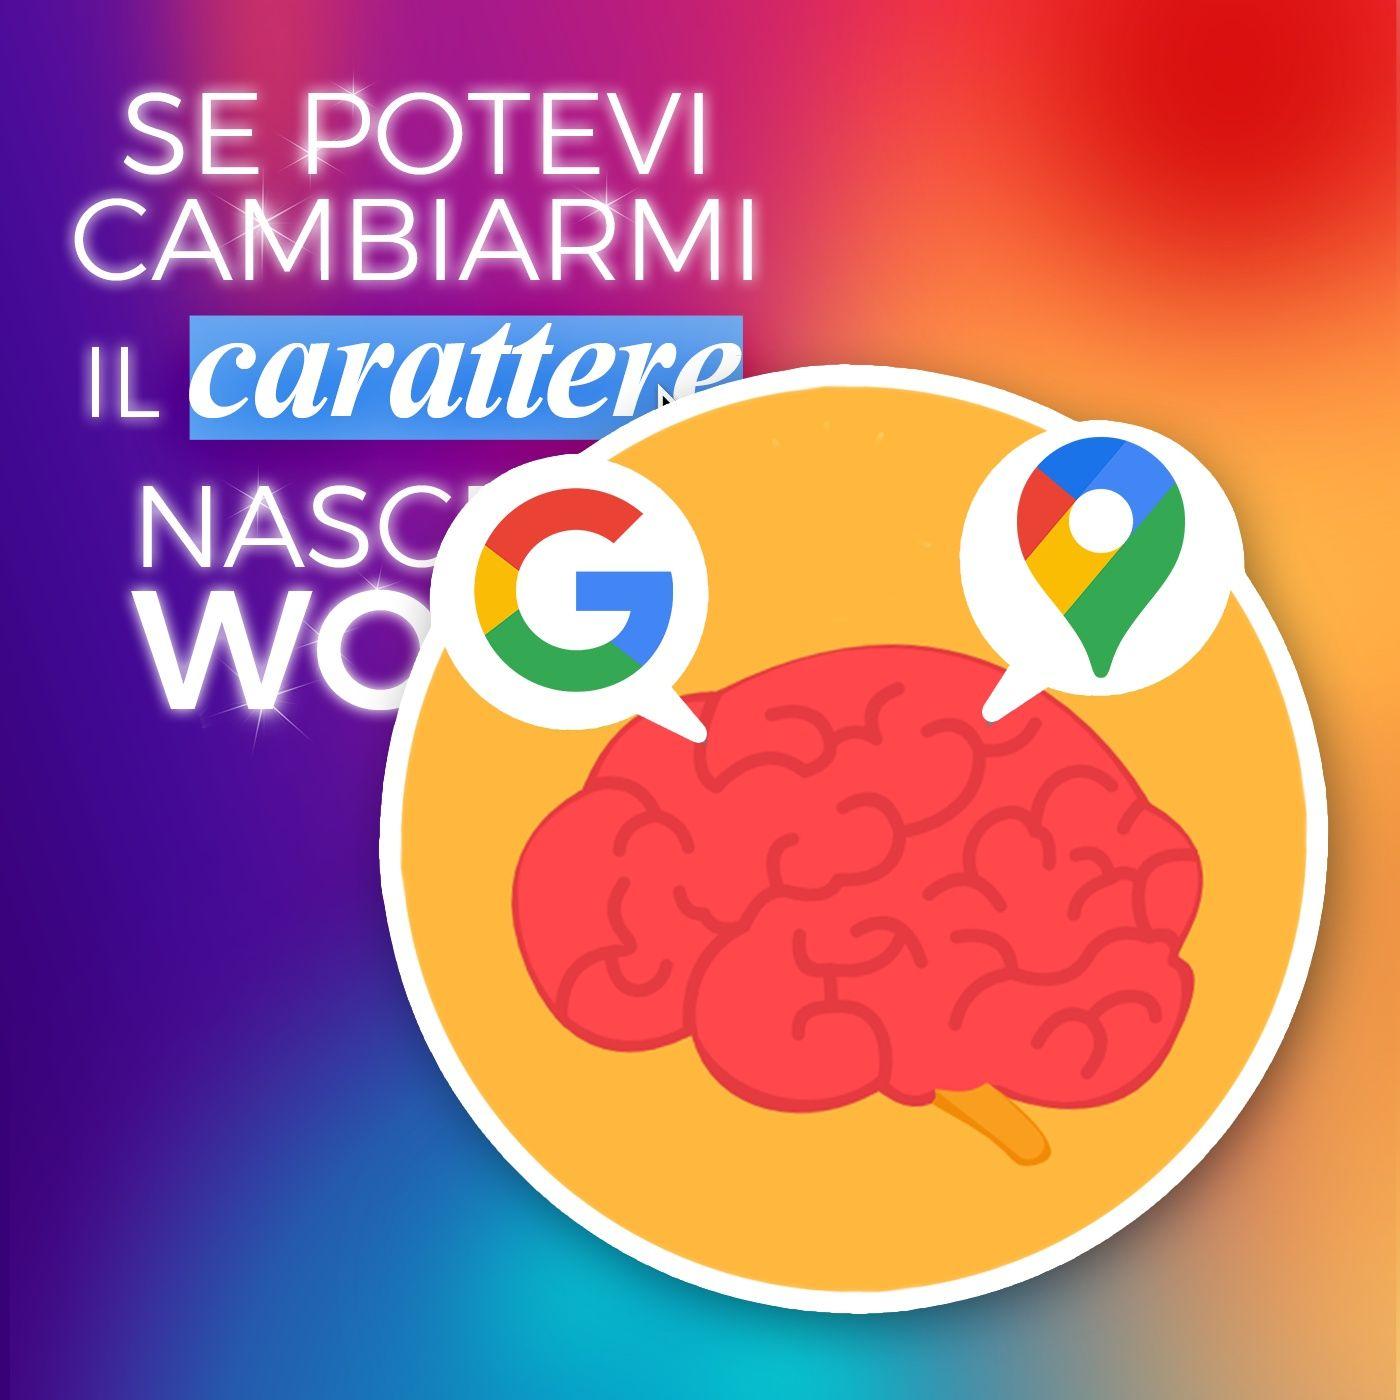 Ep. 91 - Le voci nella mia testa hanno l'algoritmo di google 🧠